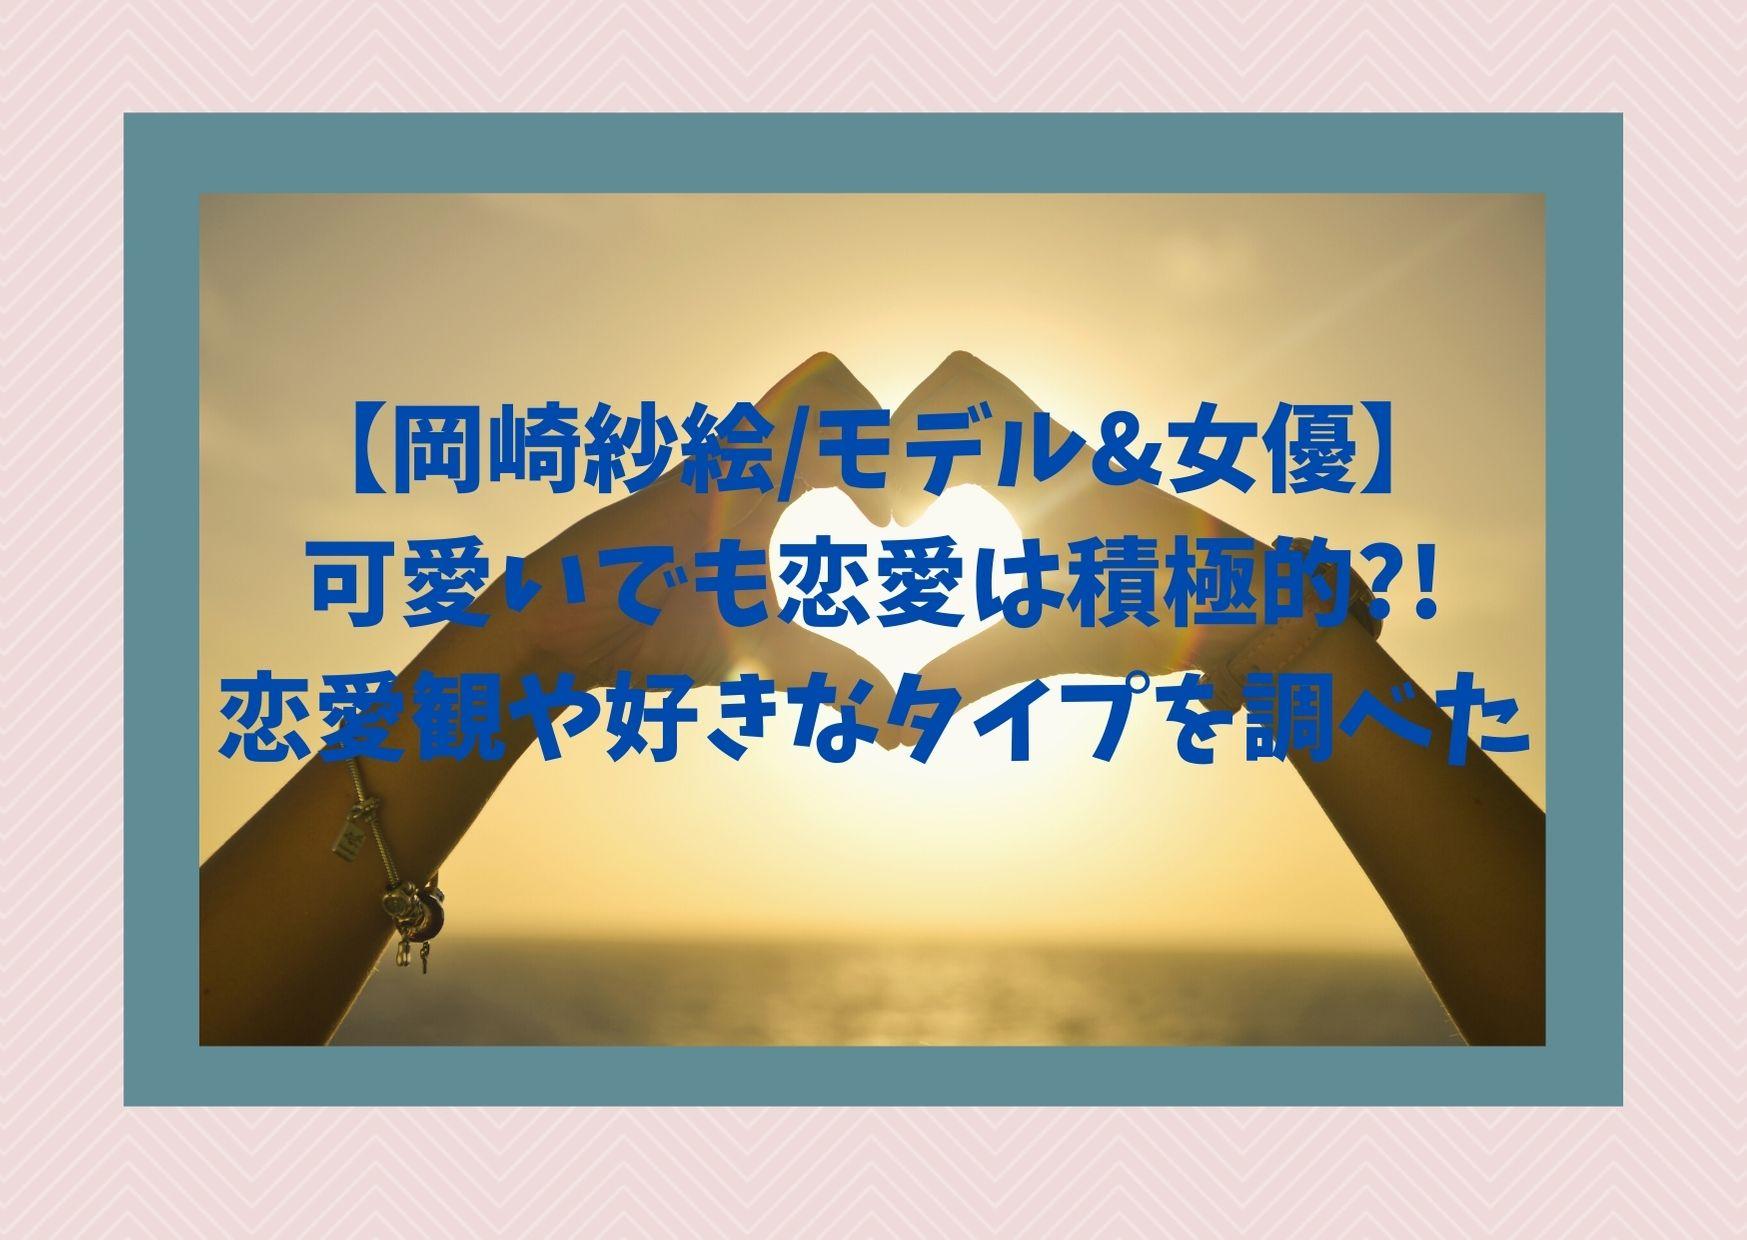 【岡崎紗絵/モデル&女優】可愛いでも恋愛は積極的?!恋愛観や好きなタイプを調べた